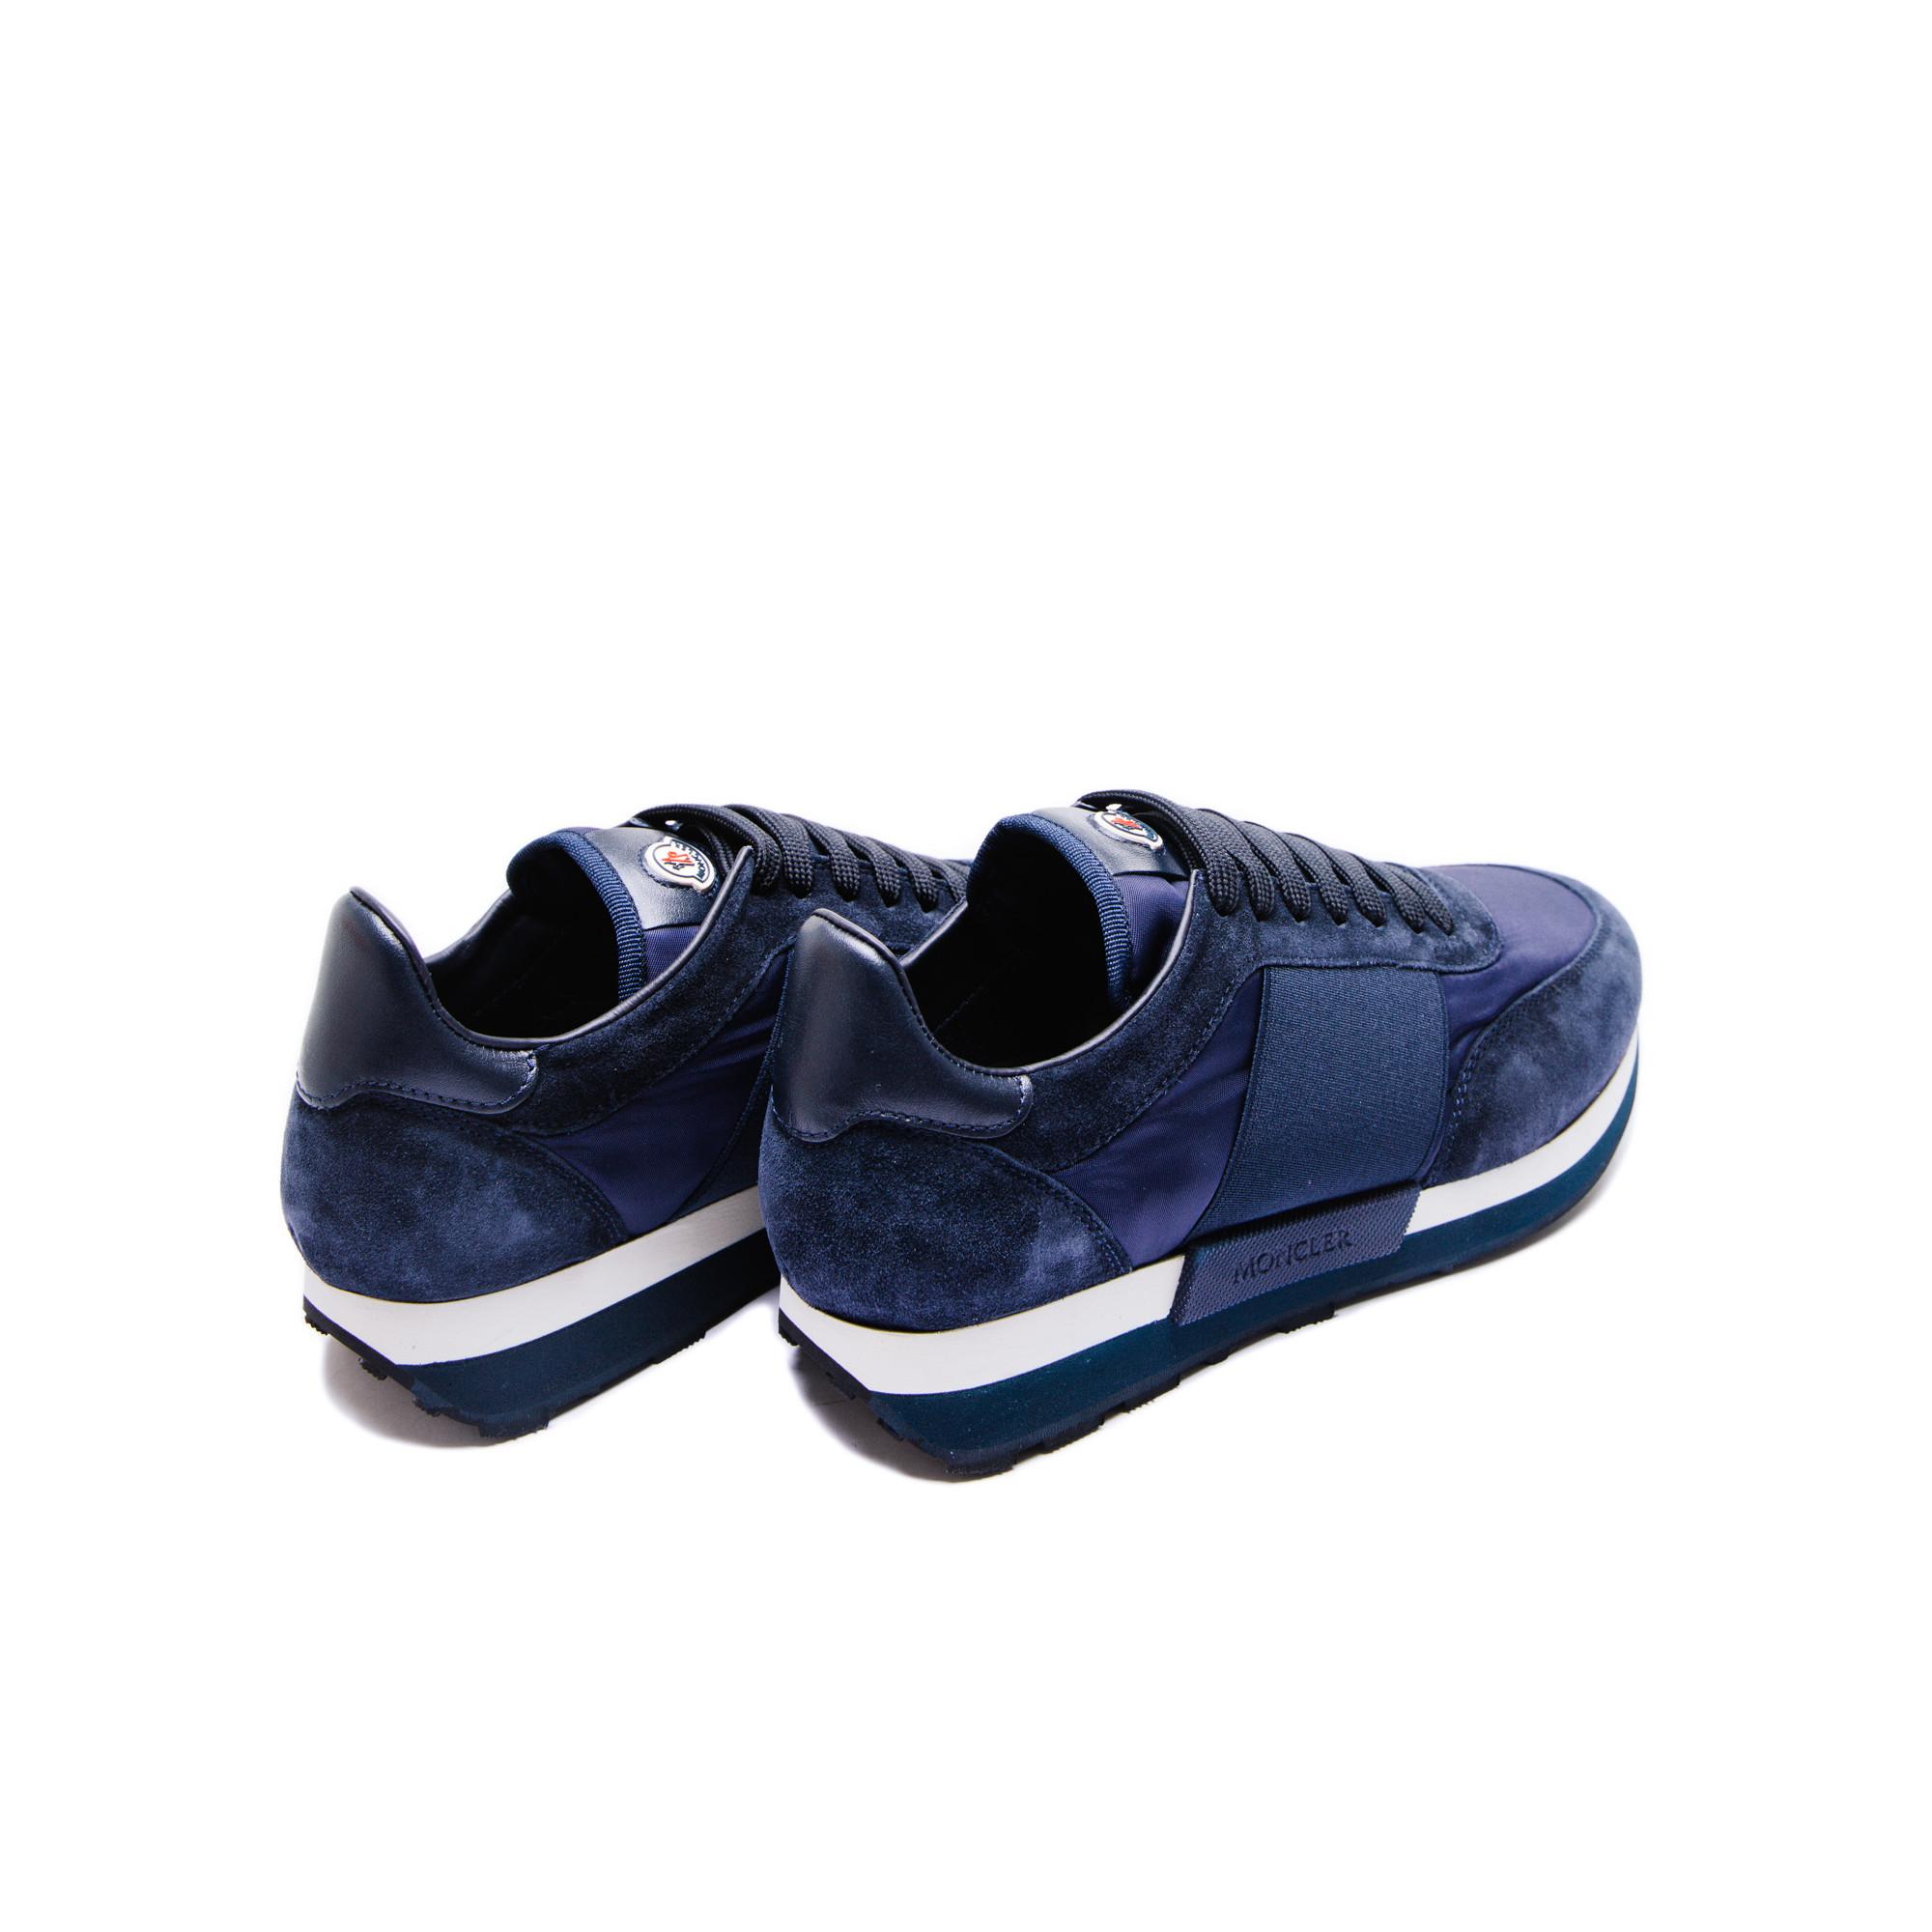 ... Moncler horace scarpa blue Moncler horace scarpa blue - www.derodeloper.com - Derodeloper ...